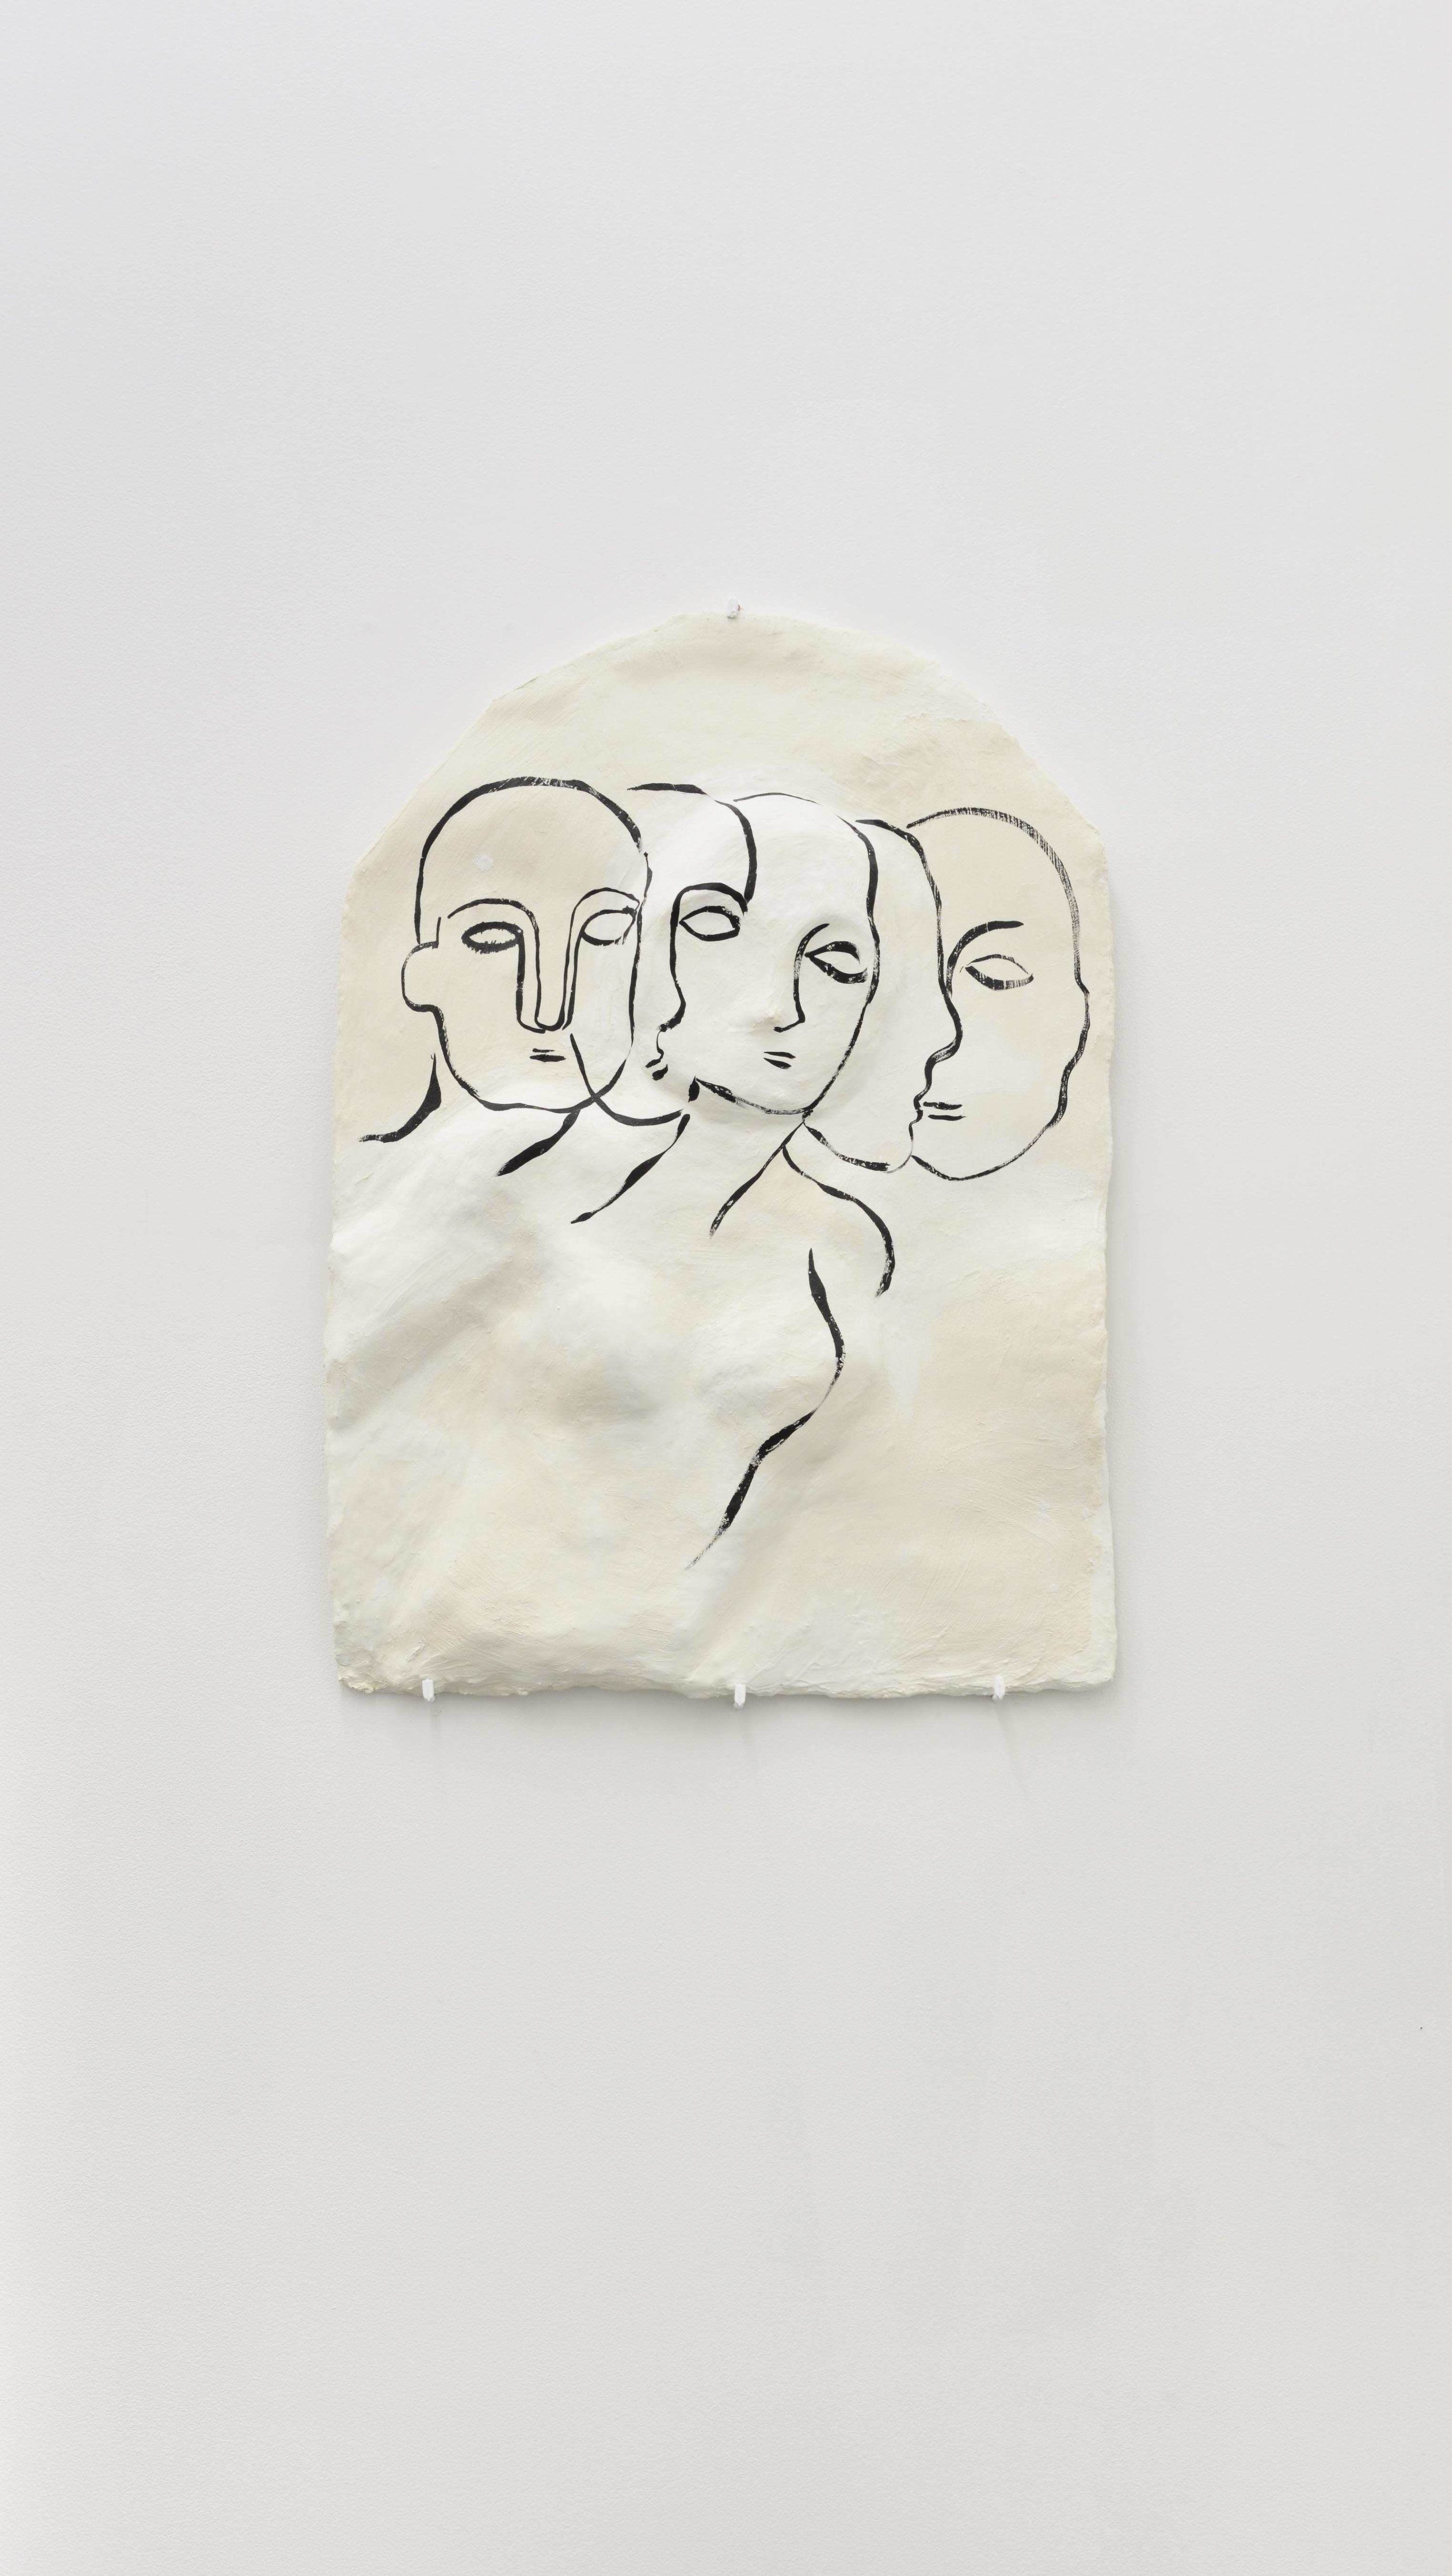 Vue d'exposition Claud'Io - Bouge, la figure de proue - Plâtre filasse - 54,4 x 79 cm - 2018